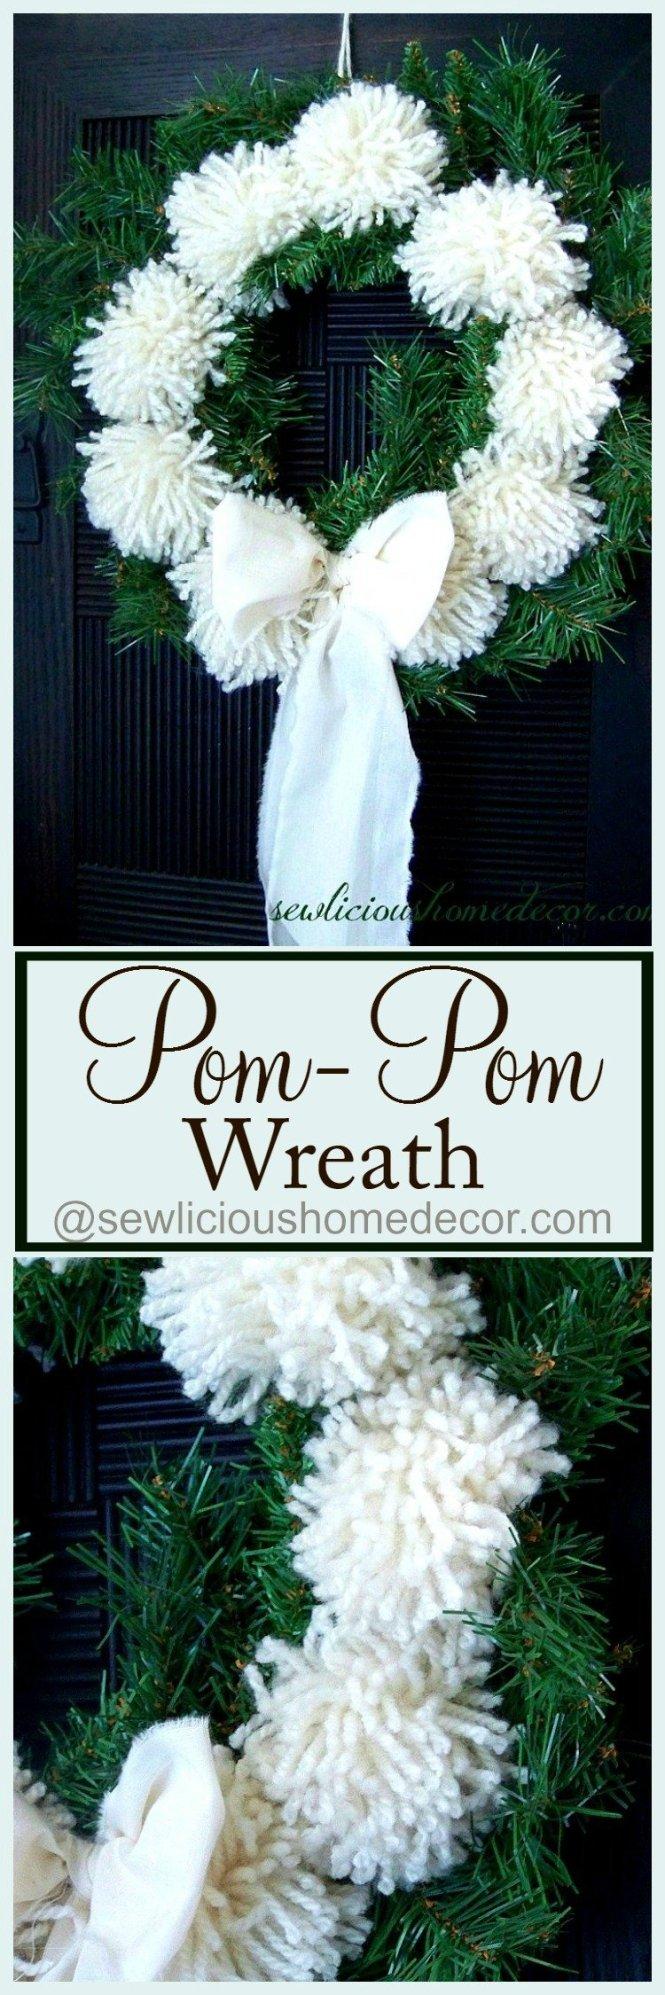 How To Make A Pom Pom Wreath Tutorial sewlicioushomedecor.com